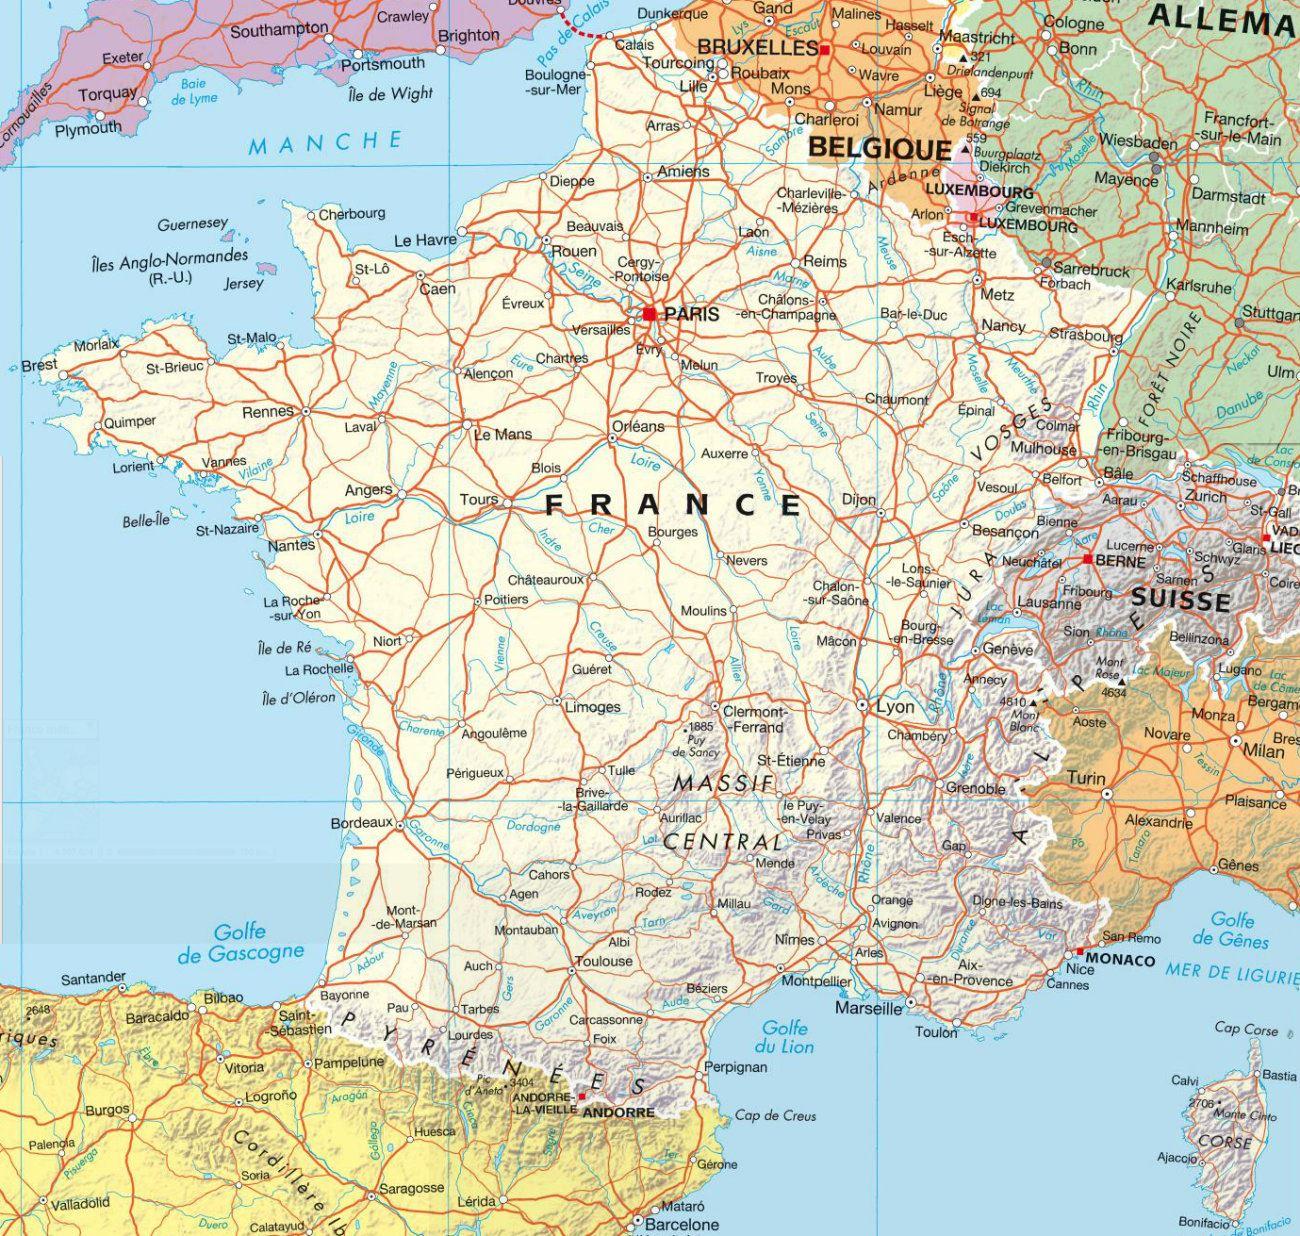 Carte Routiere : Carte Des Routes De France, Calcul D avec Carte De France Detaillée Gratuite